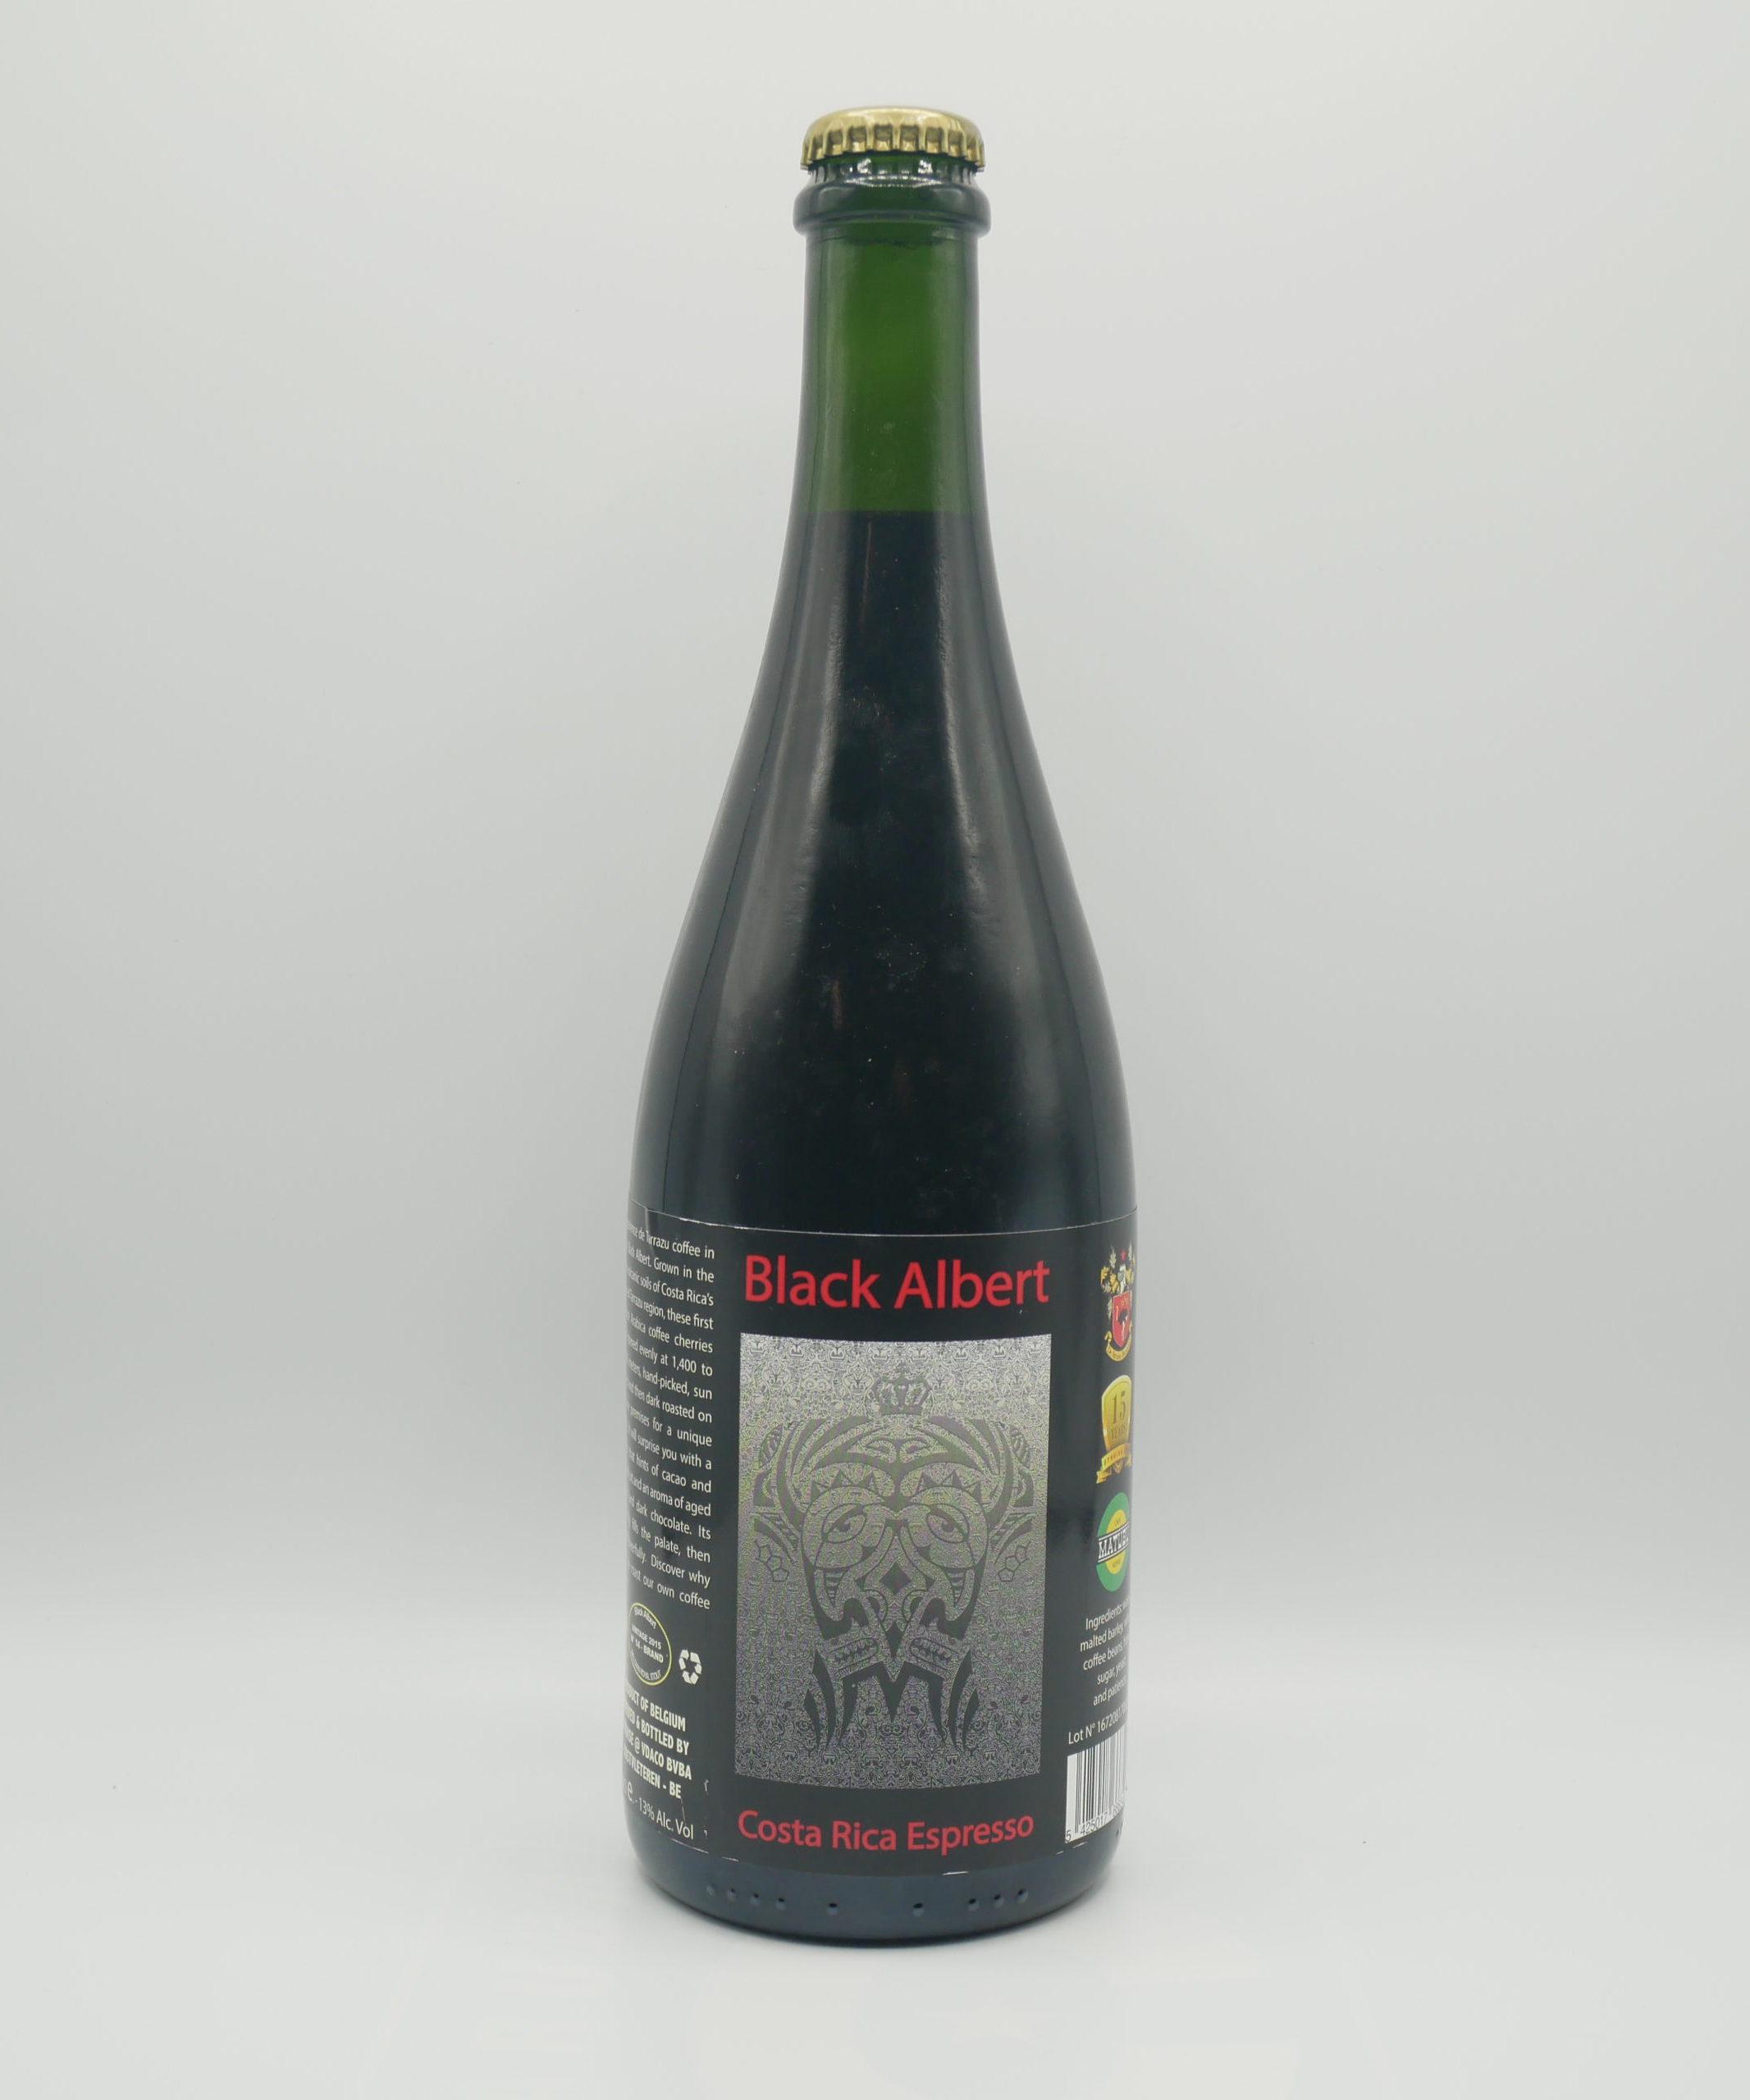 Image Black Albert Costa Rica Espresso 75cl